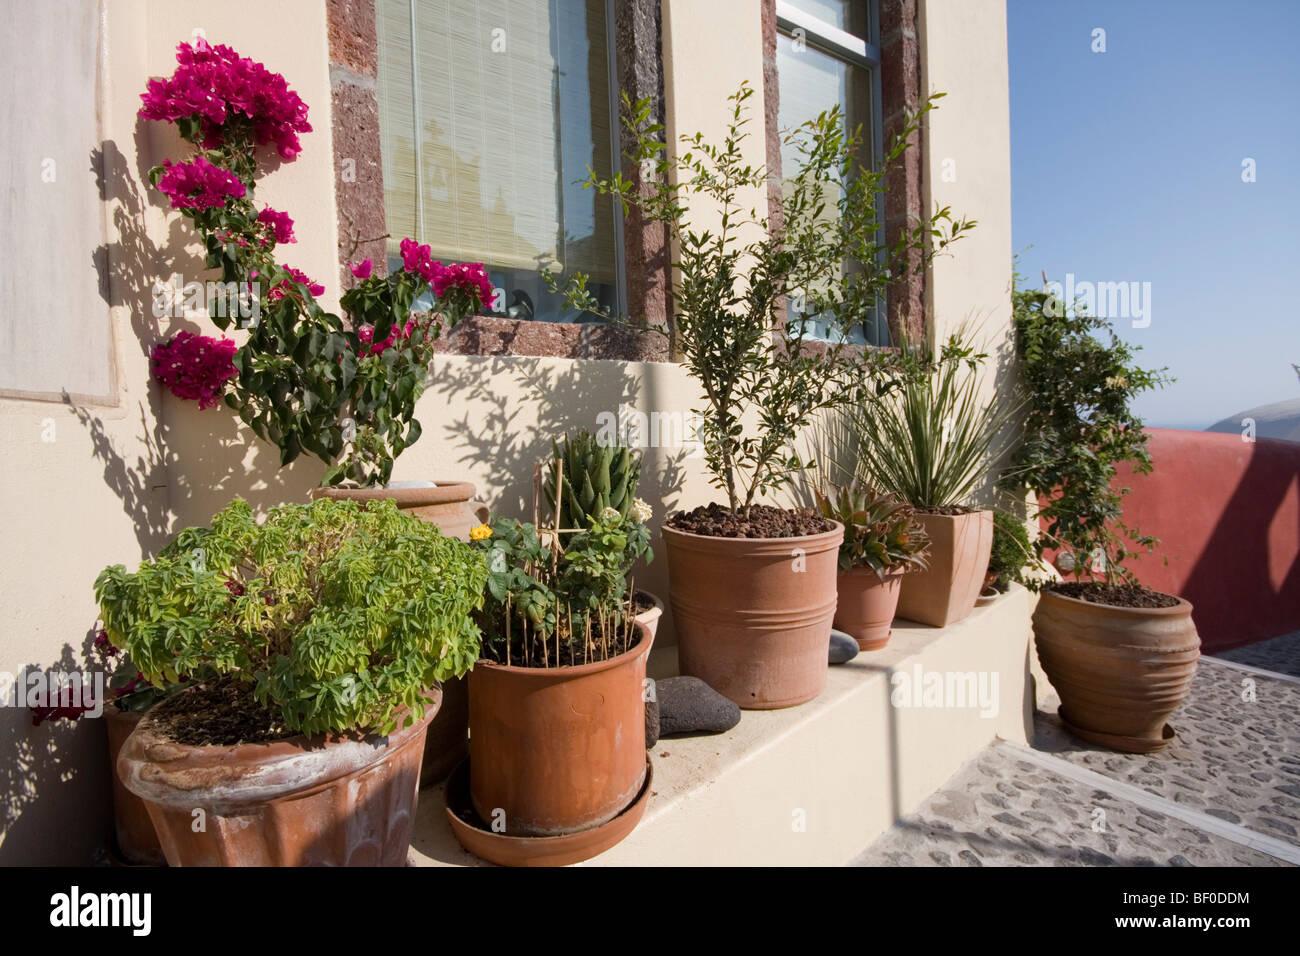 Plants On Window Sill Stock Photos & Plants On Window Sill Stock ...